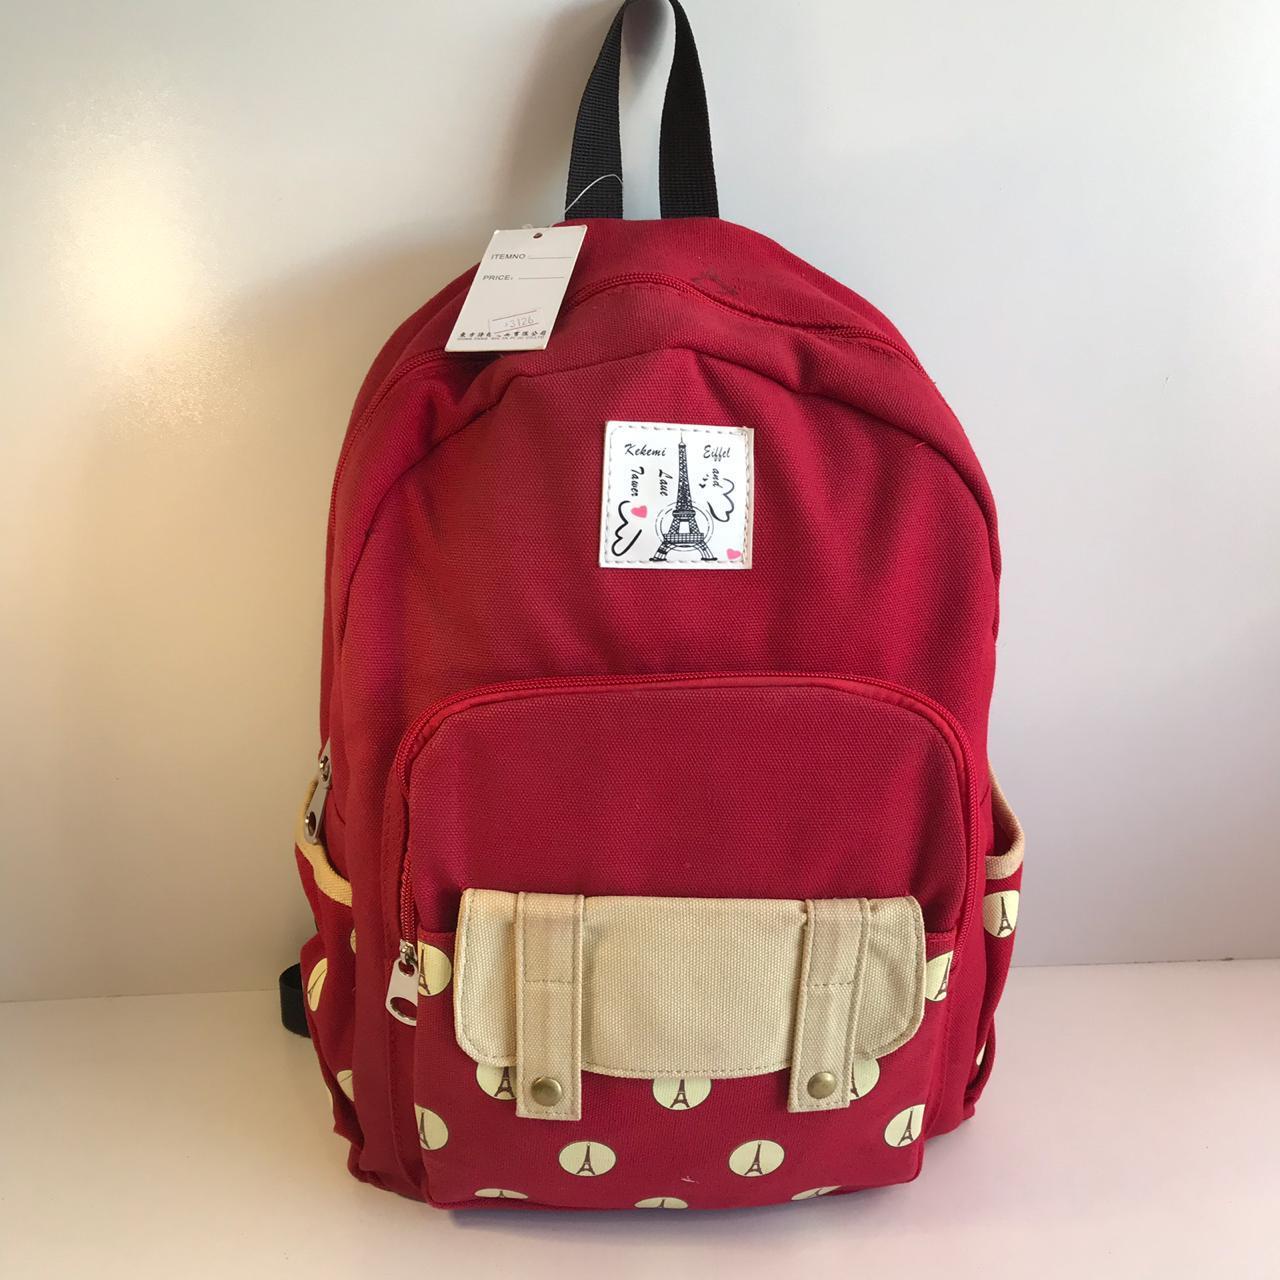 cc2d24a8f95b Женский тканевый рюкзак красный, цена 340 грн., купить в Одессе ...